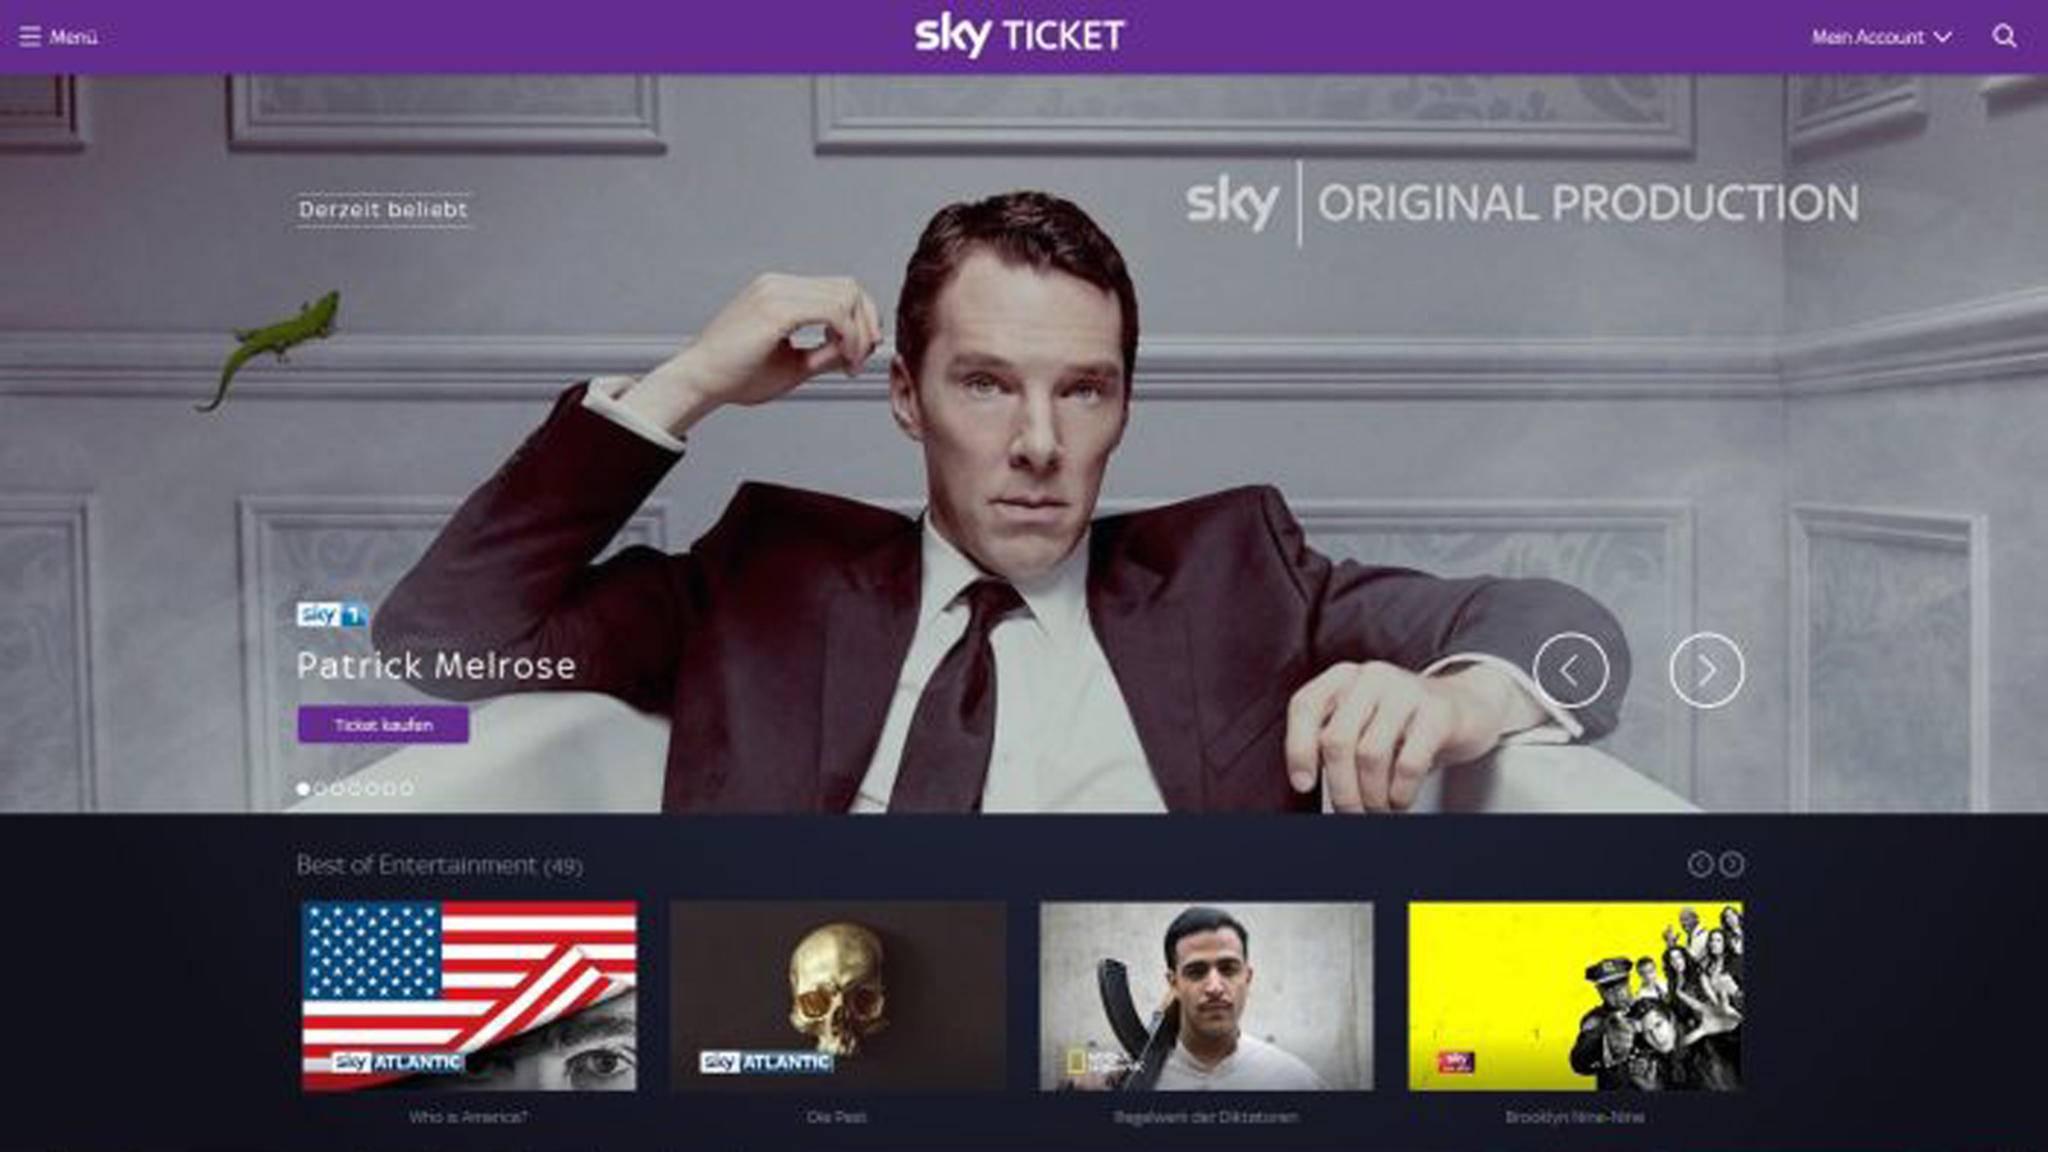 Mit Sky Ticket hast Du Zugriff auf zahlreiche Serien im Angebot.